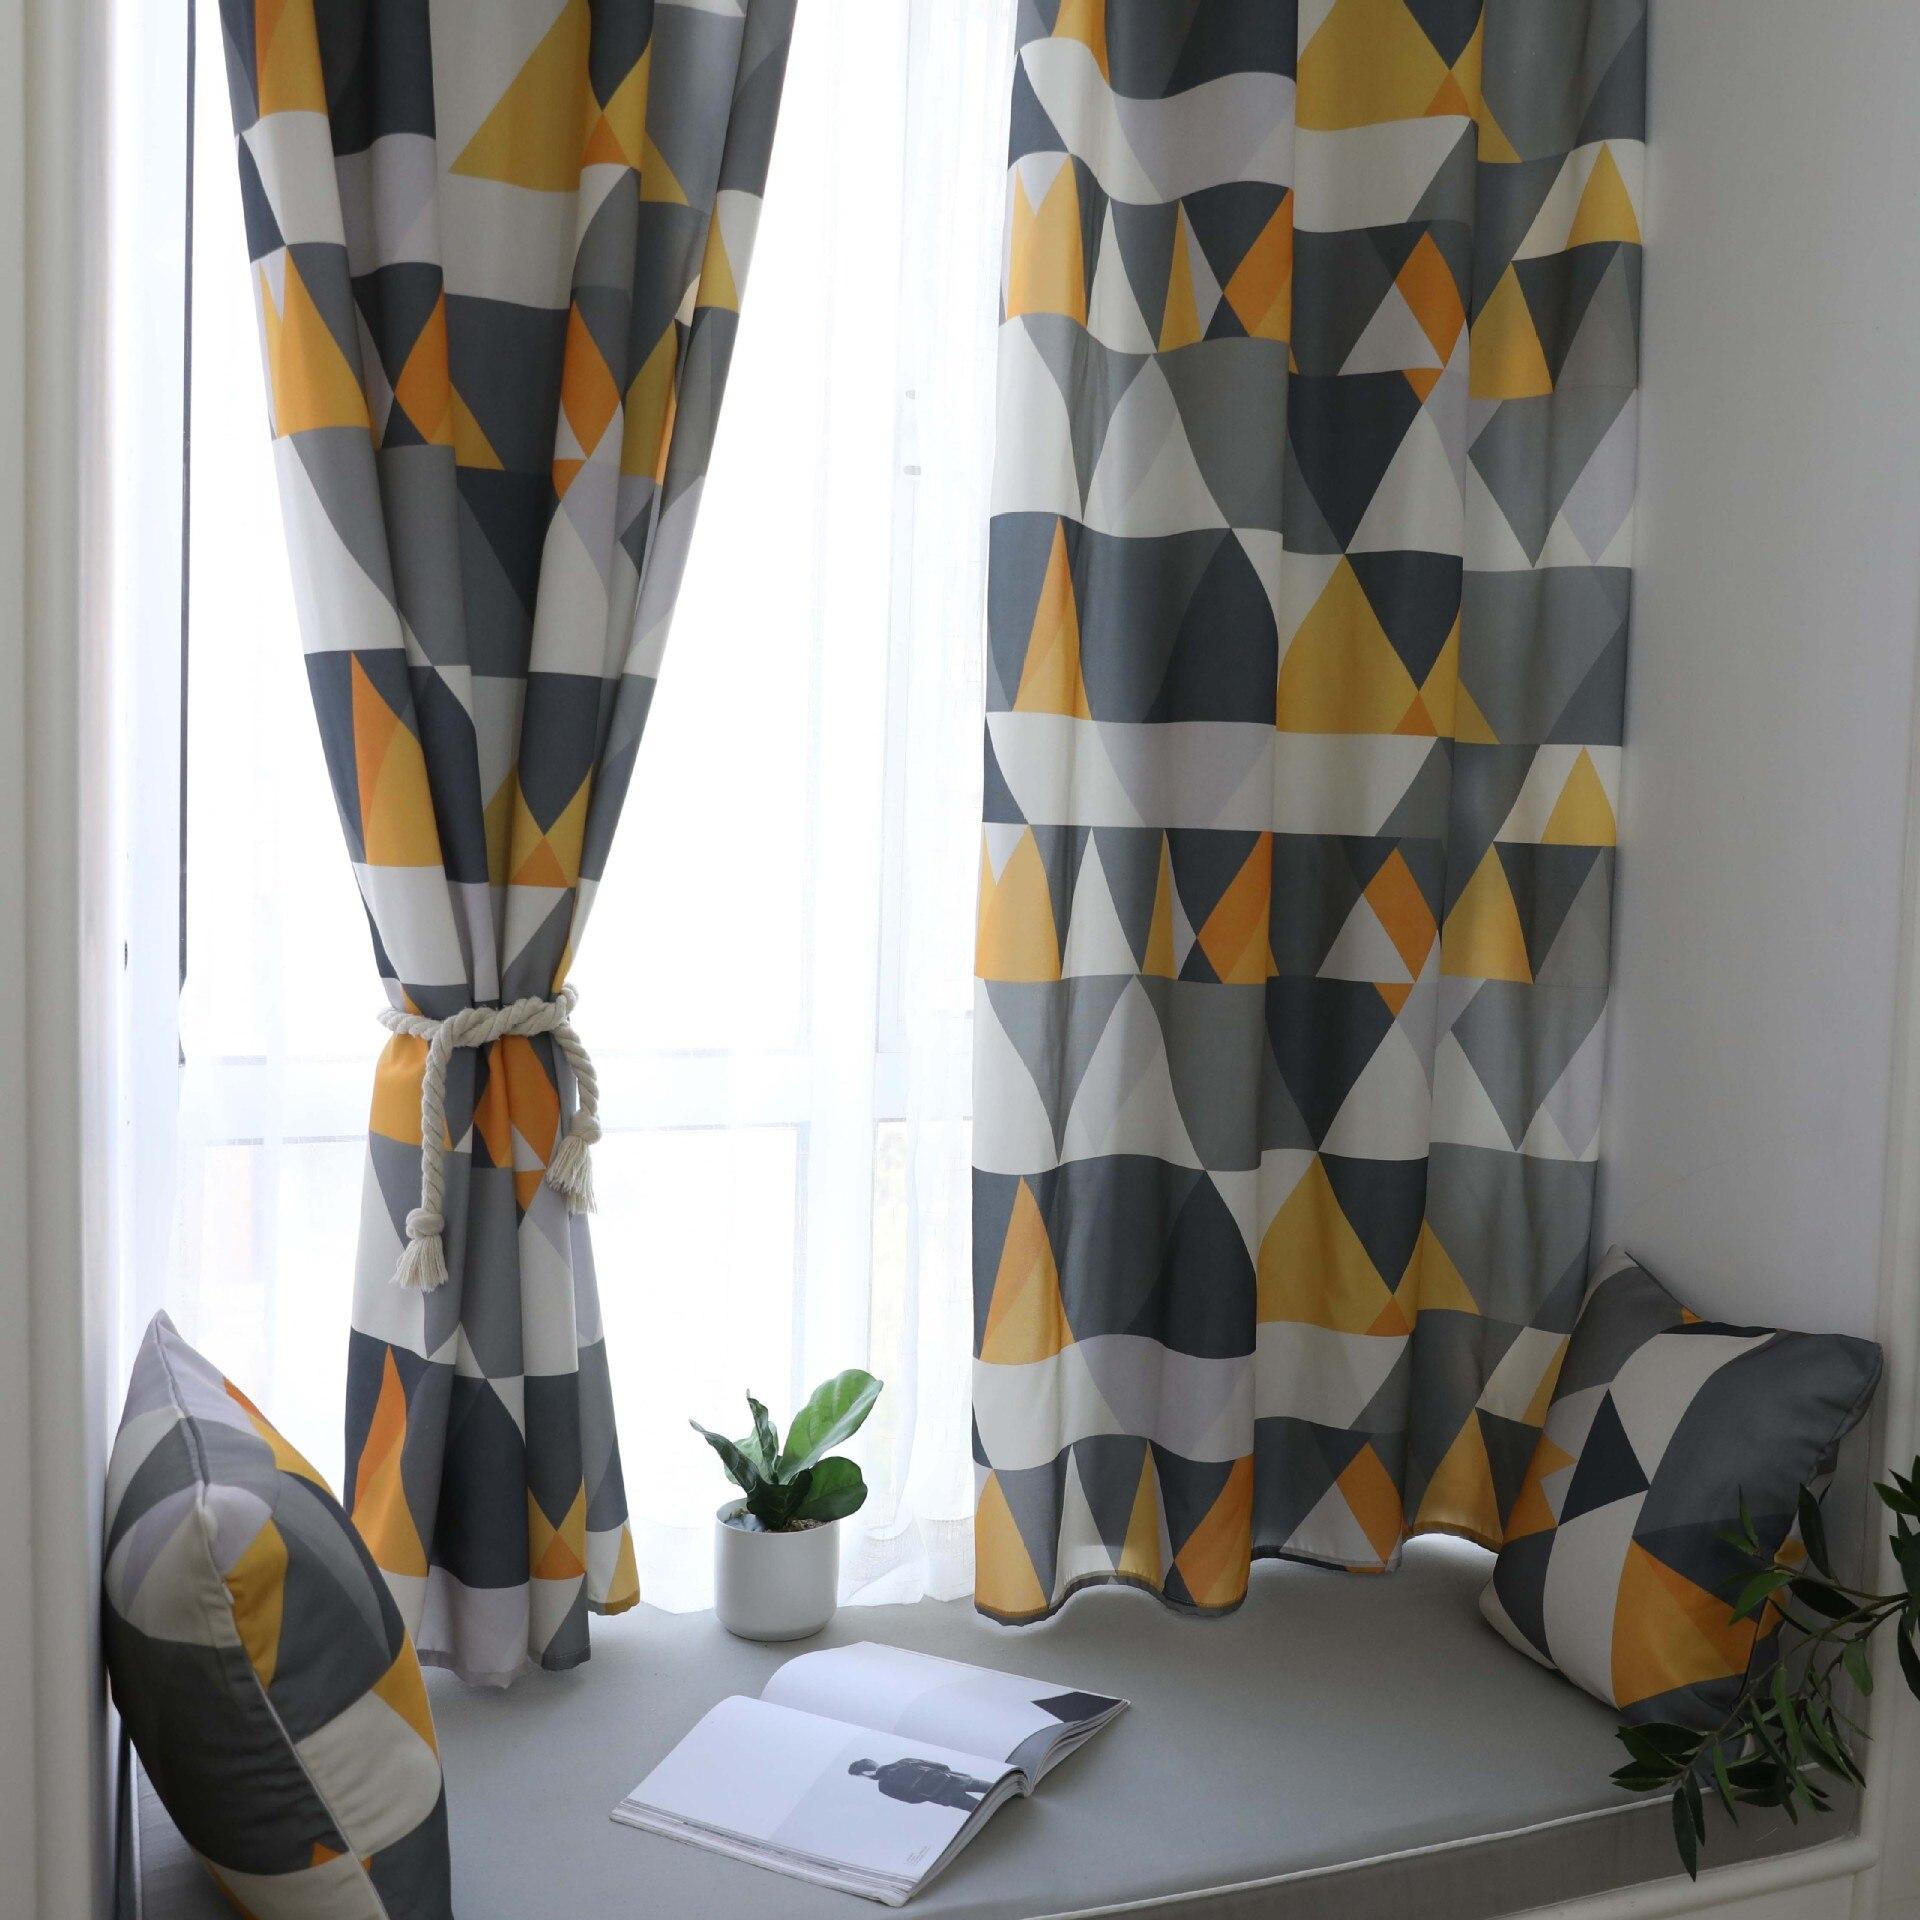 Rideau fini imperméable Polyester coton Semi-ombrage géométrique impression rideau salon chambre balcon tissu personnalisé